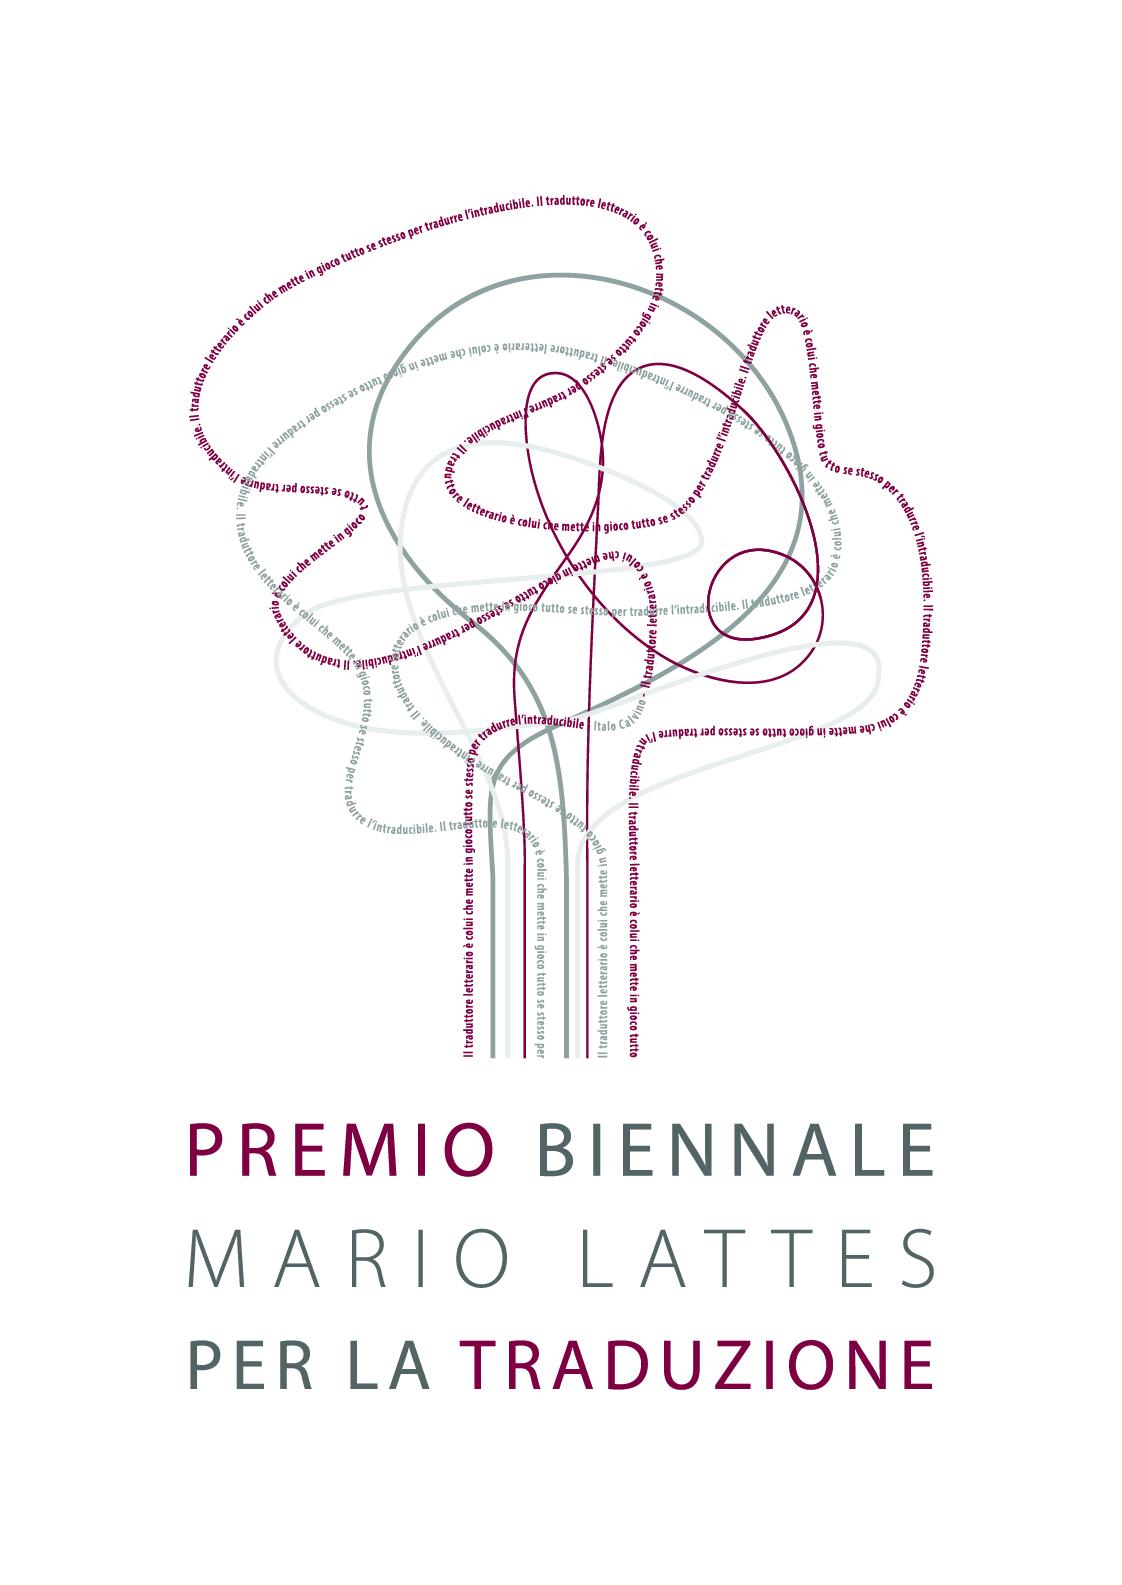 lectio magistralis di Fabrizio Pennacchietti al Premio Mario Lattes per la Traduzione